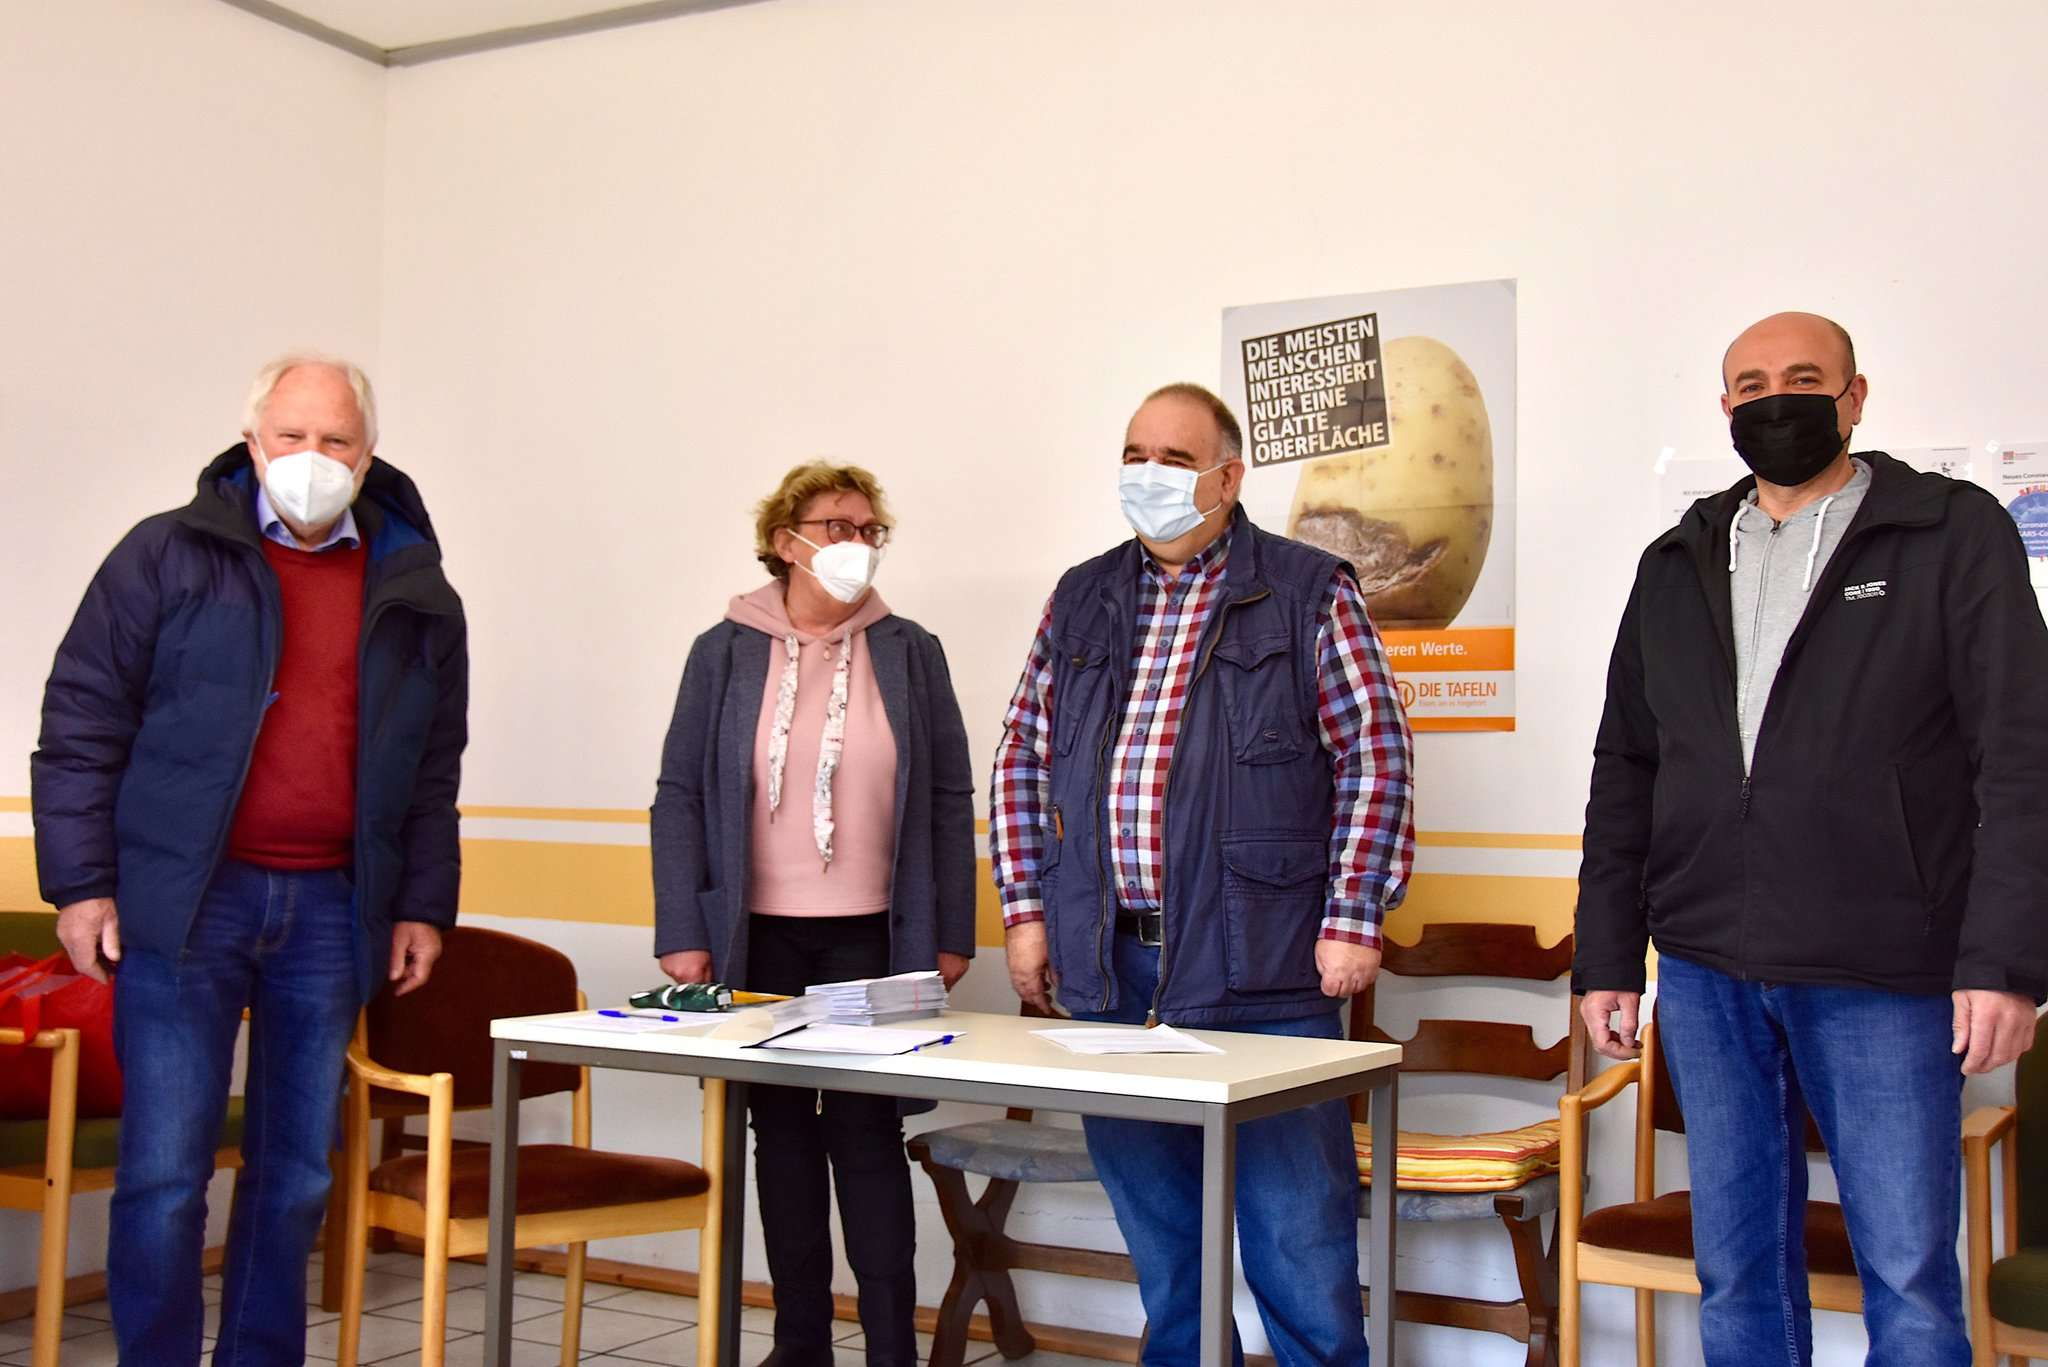 Eckhard Lang, Martina Seifert, Hero Feenders und Khaled Atriss verteilen Essen und heute auch eine Spende in Höhe von 30 Euro pro Kind für bedürftige Familien.